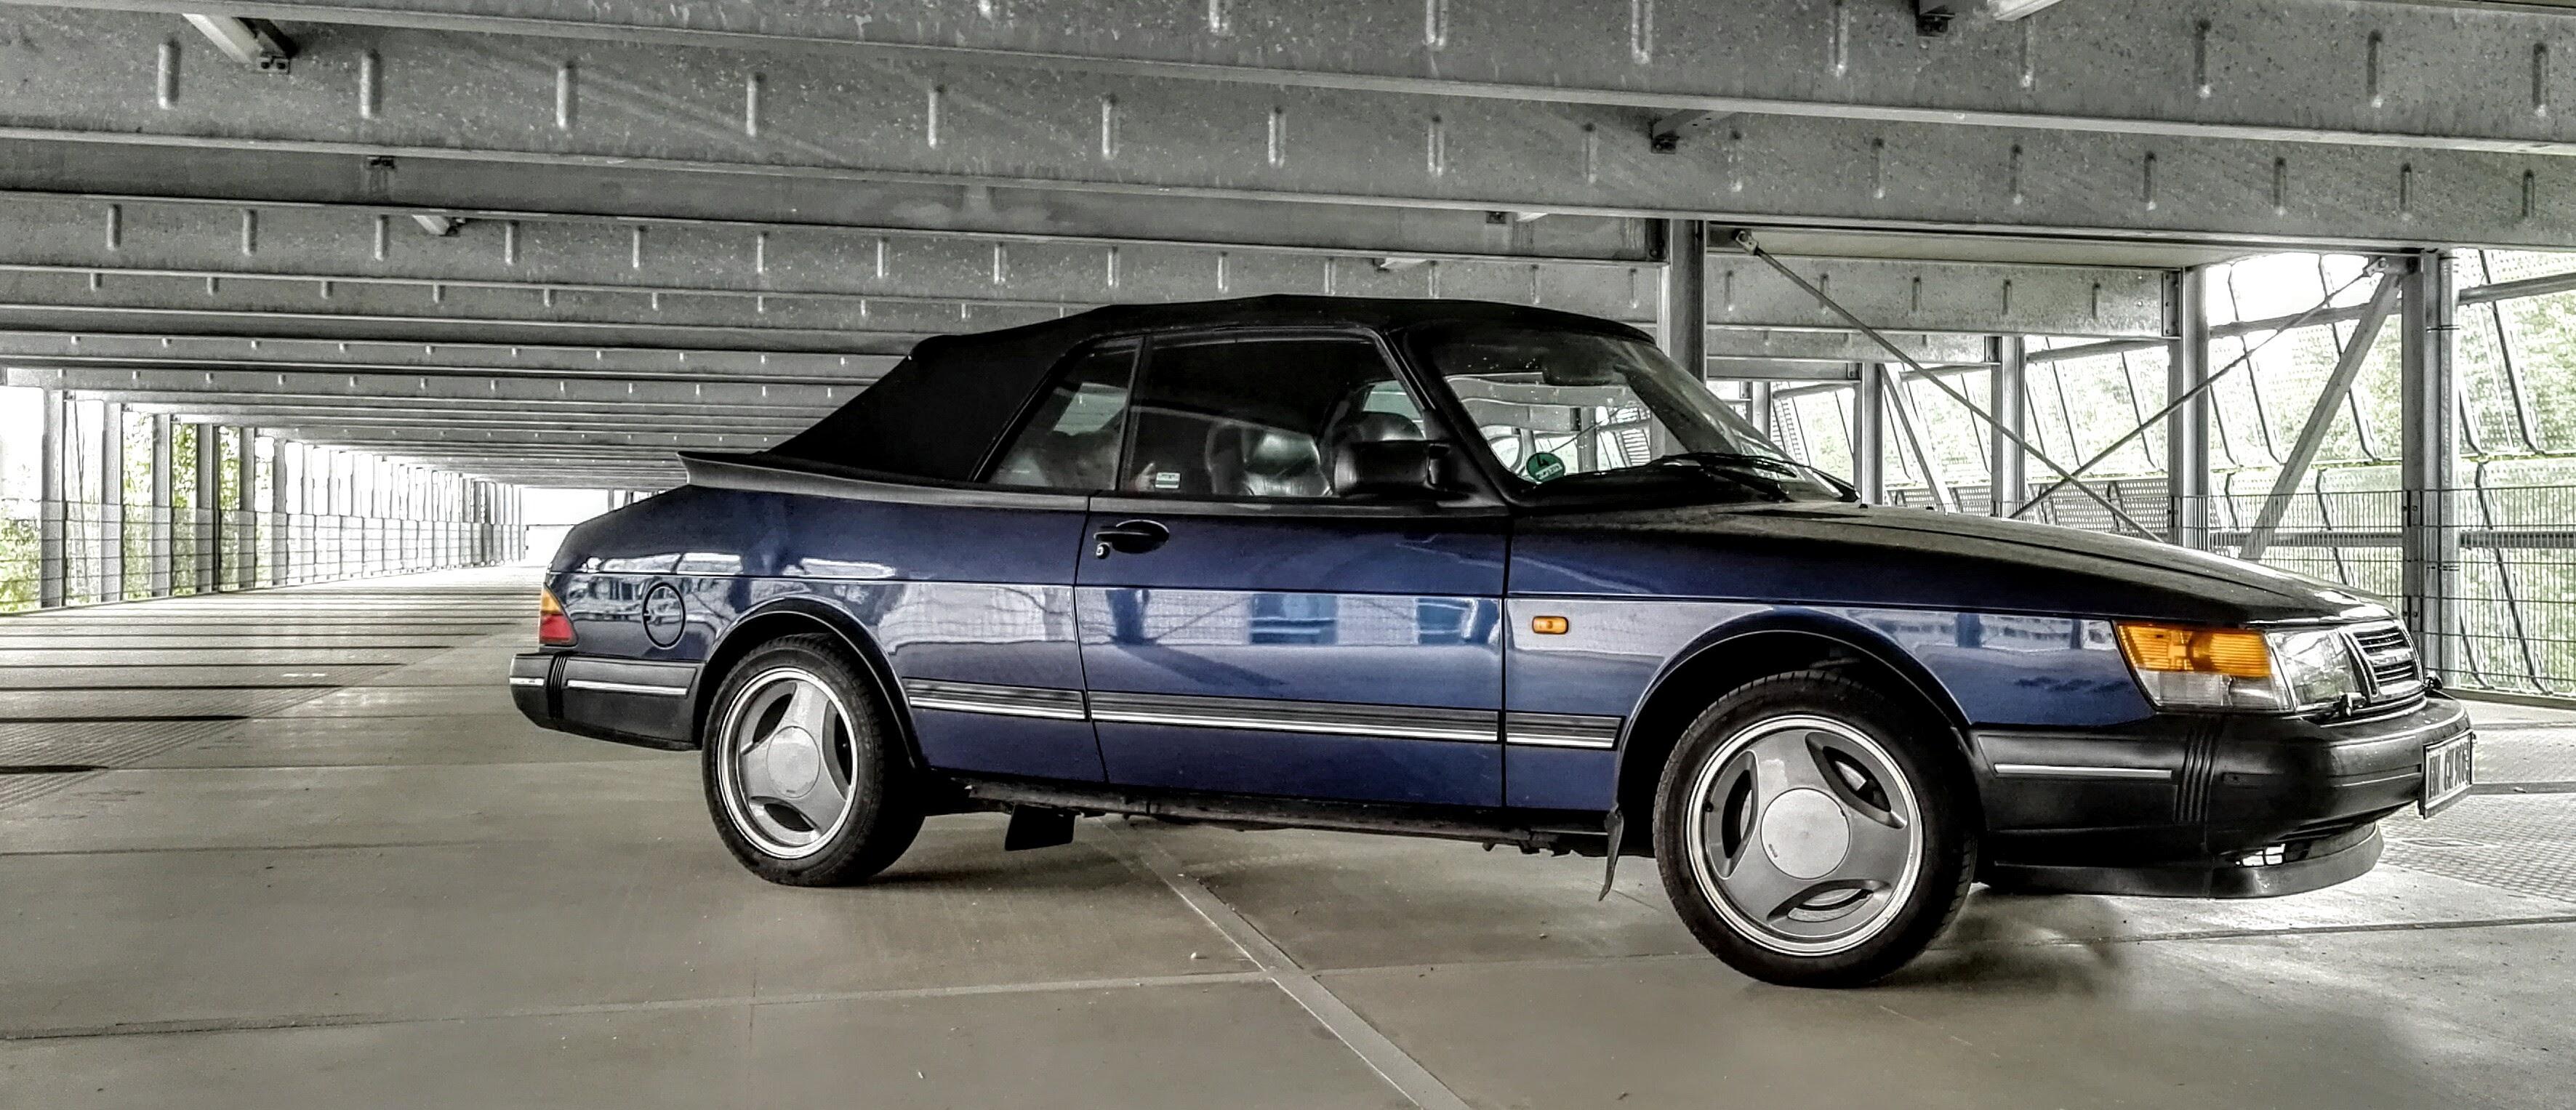 Garage für meinen Saab 900